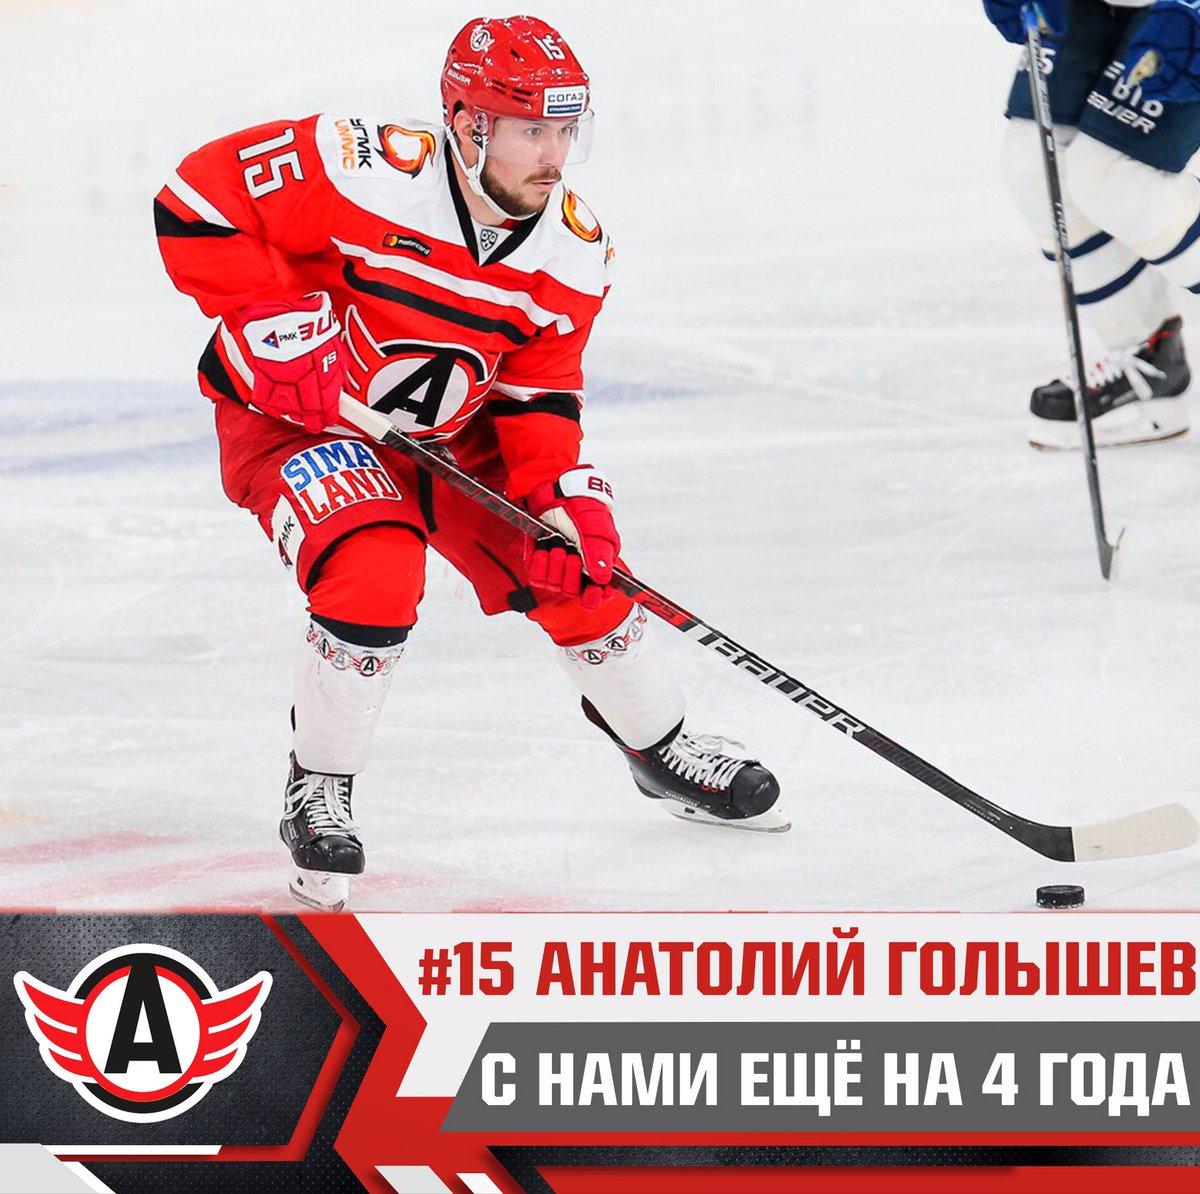 Голышев подписал новый контракт с